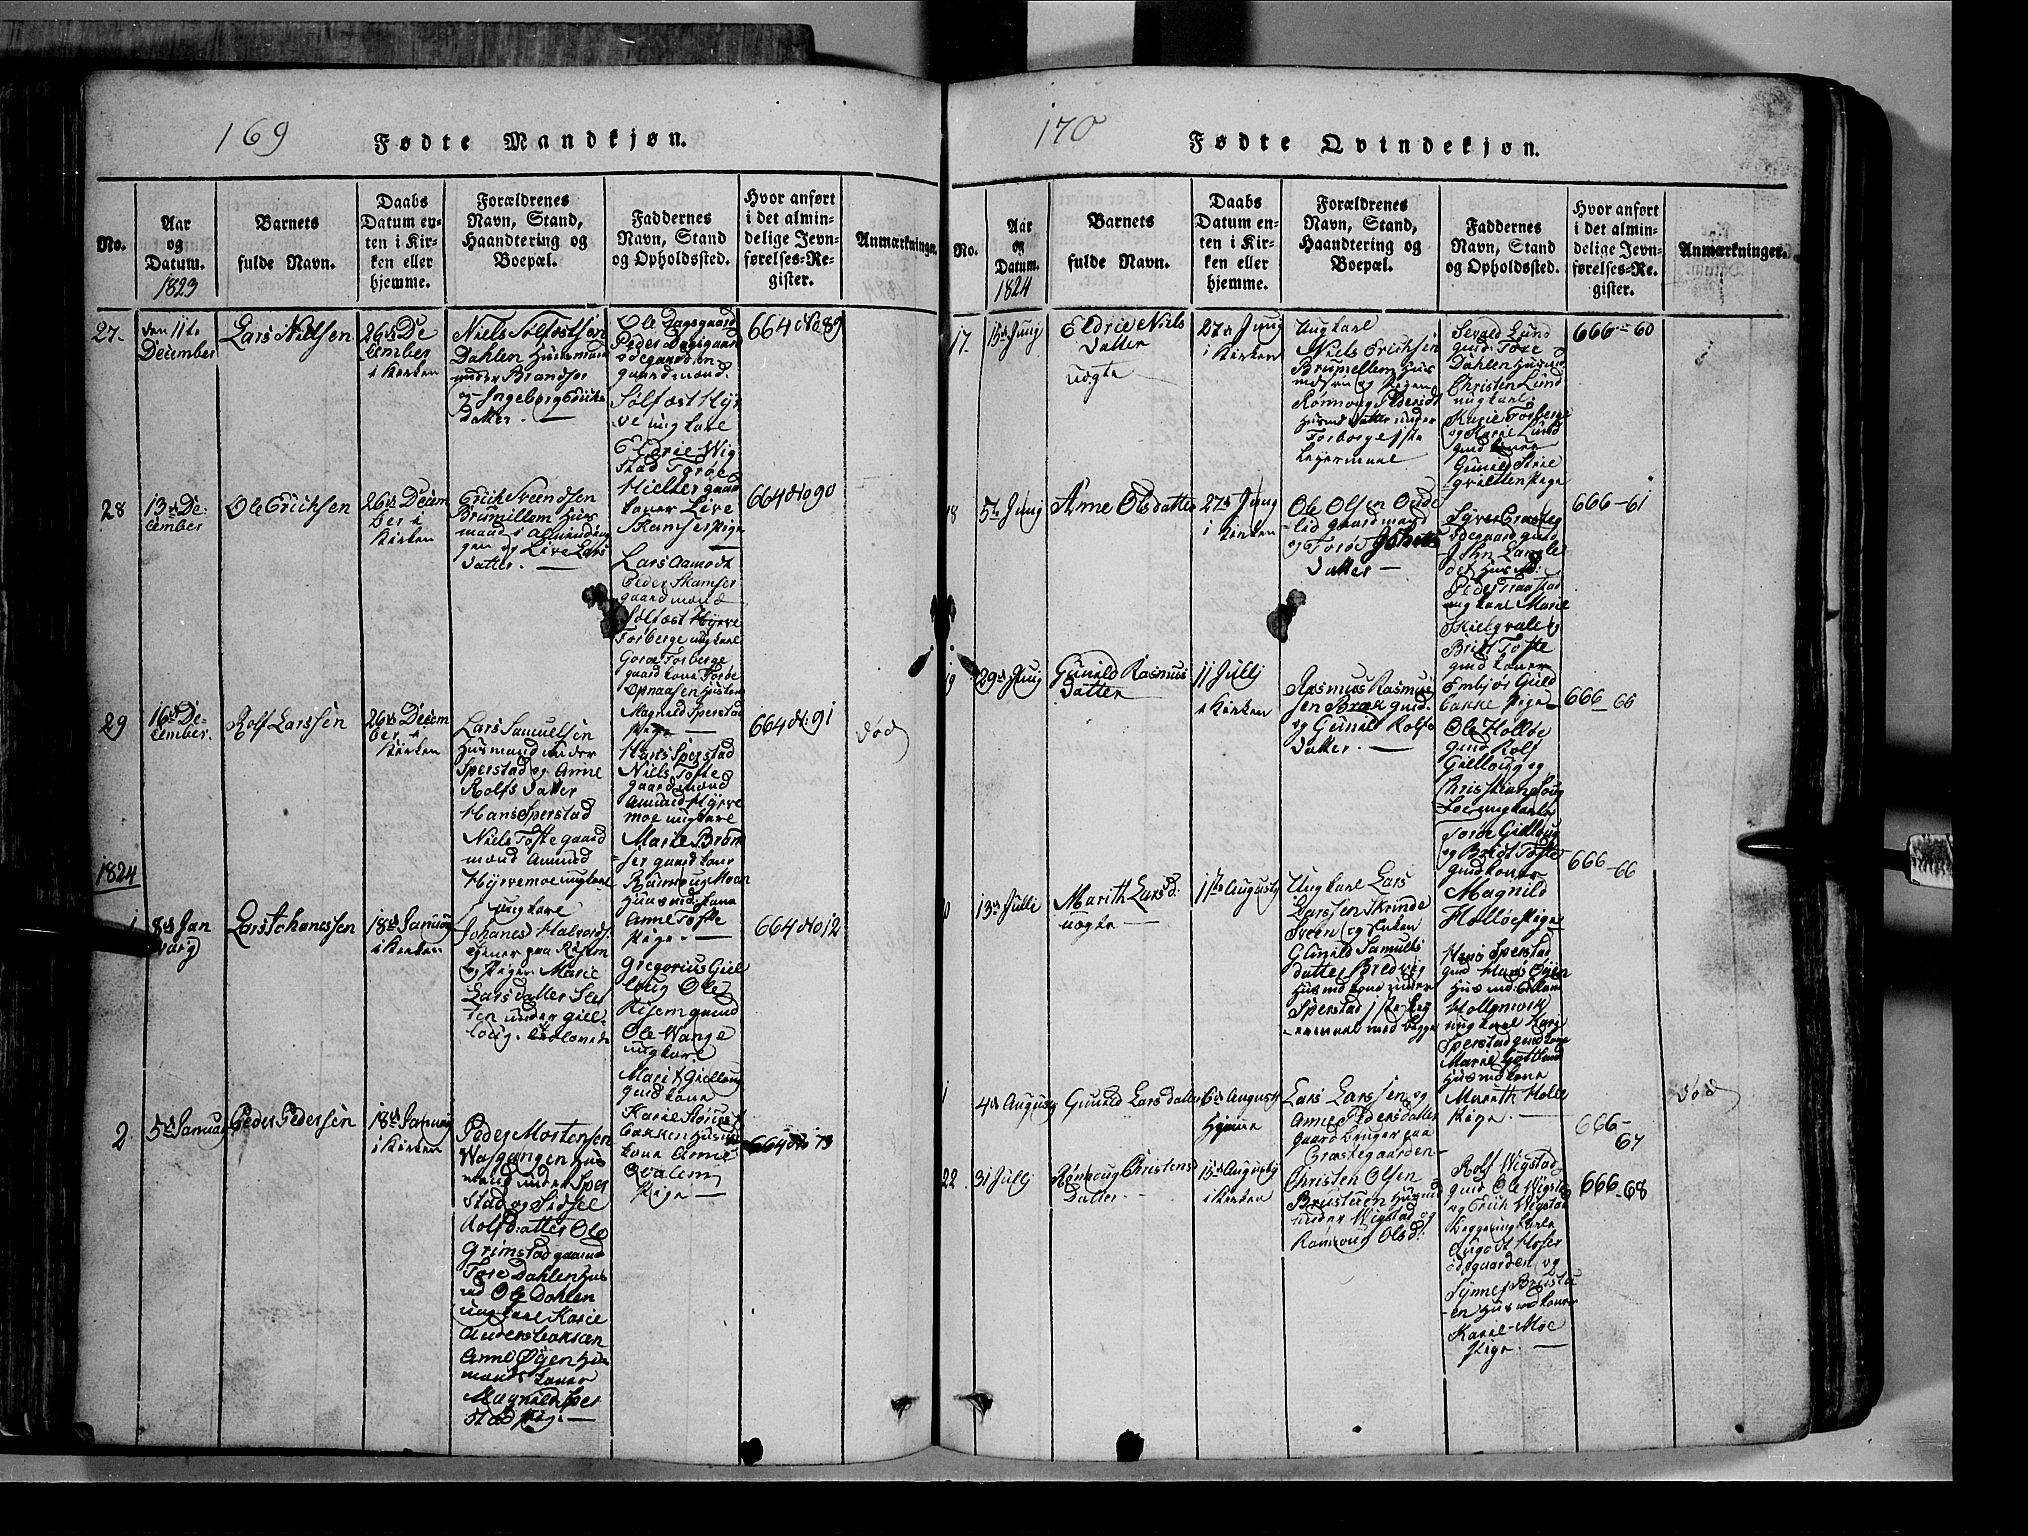 SAH, Lom prestekontor, L/L0003: Klokkerbok nr. 3, 1815-1844, s. 169-170